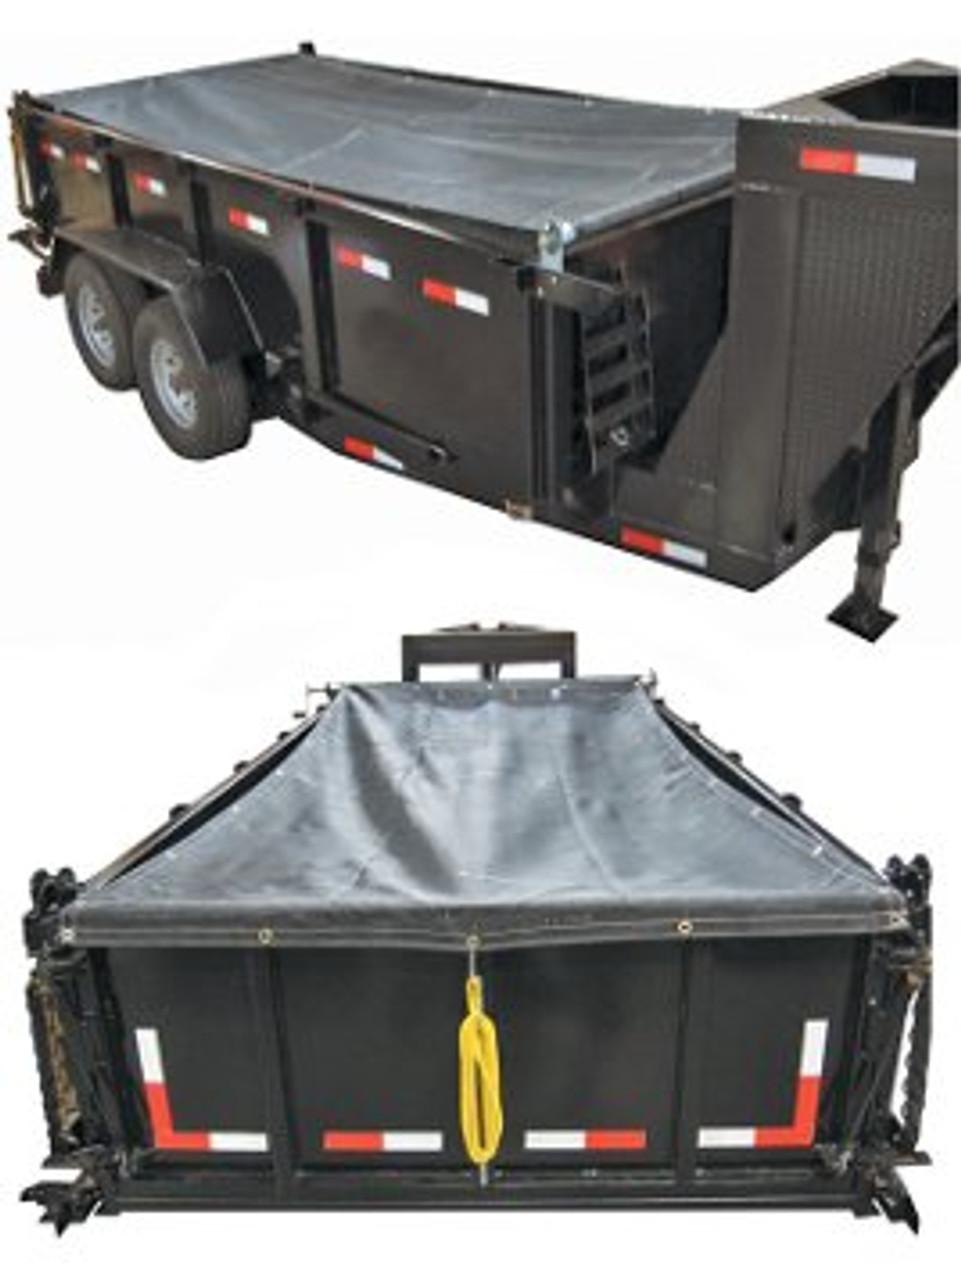 DTTK718 --- 7' x 18' Dump Trailer Tarp Kit